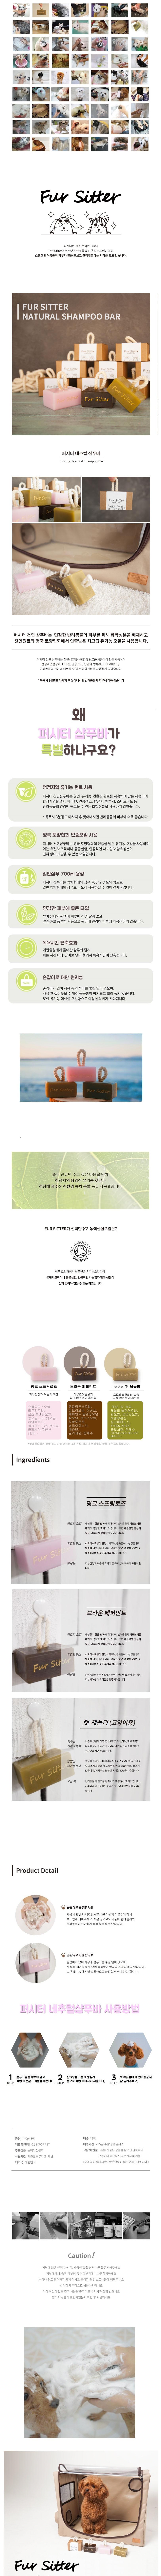 고양이 샴푸 캣 레놀리 - 퍼시터, 15,000원, 미용/목욕용품, 샴푸/린스